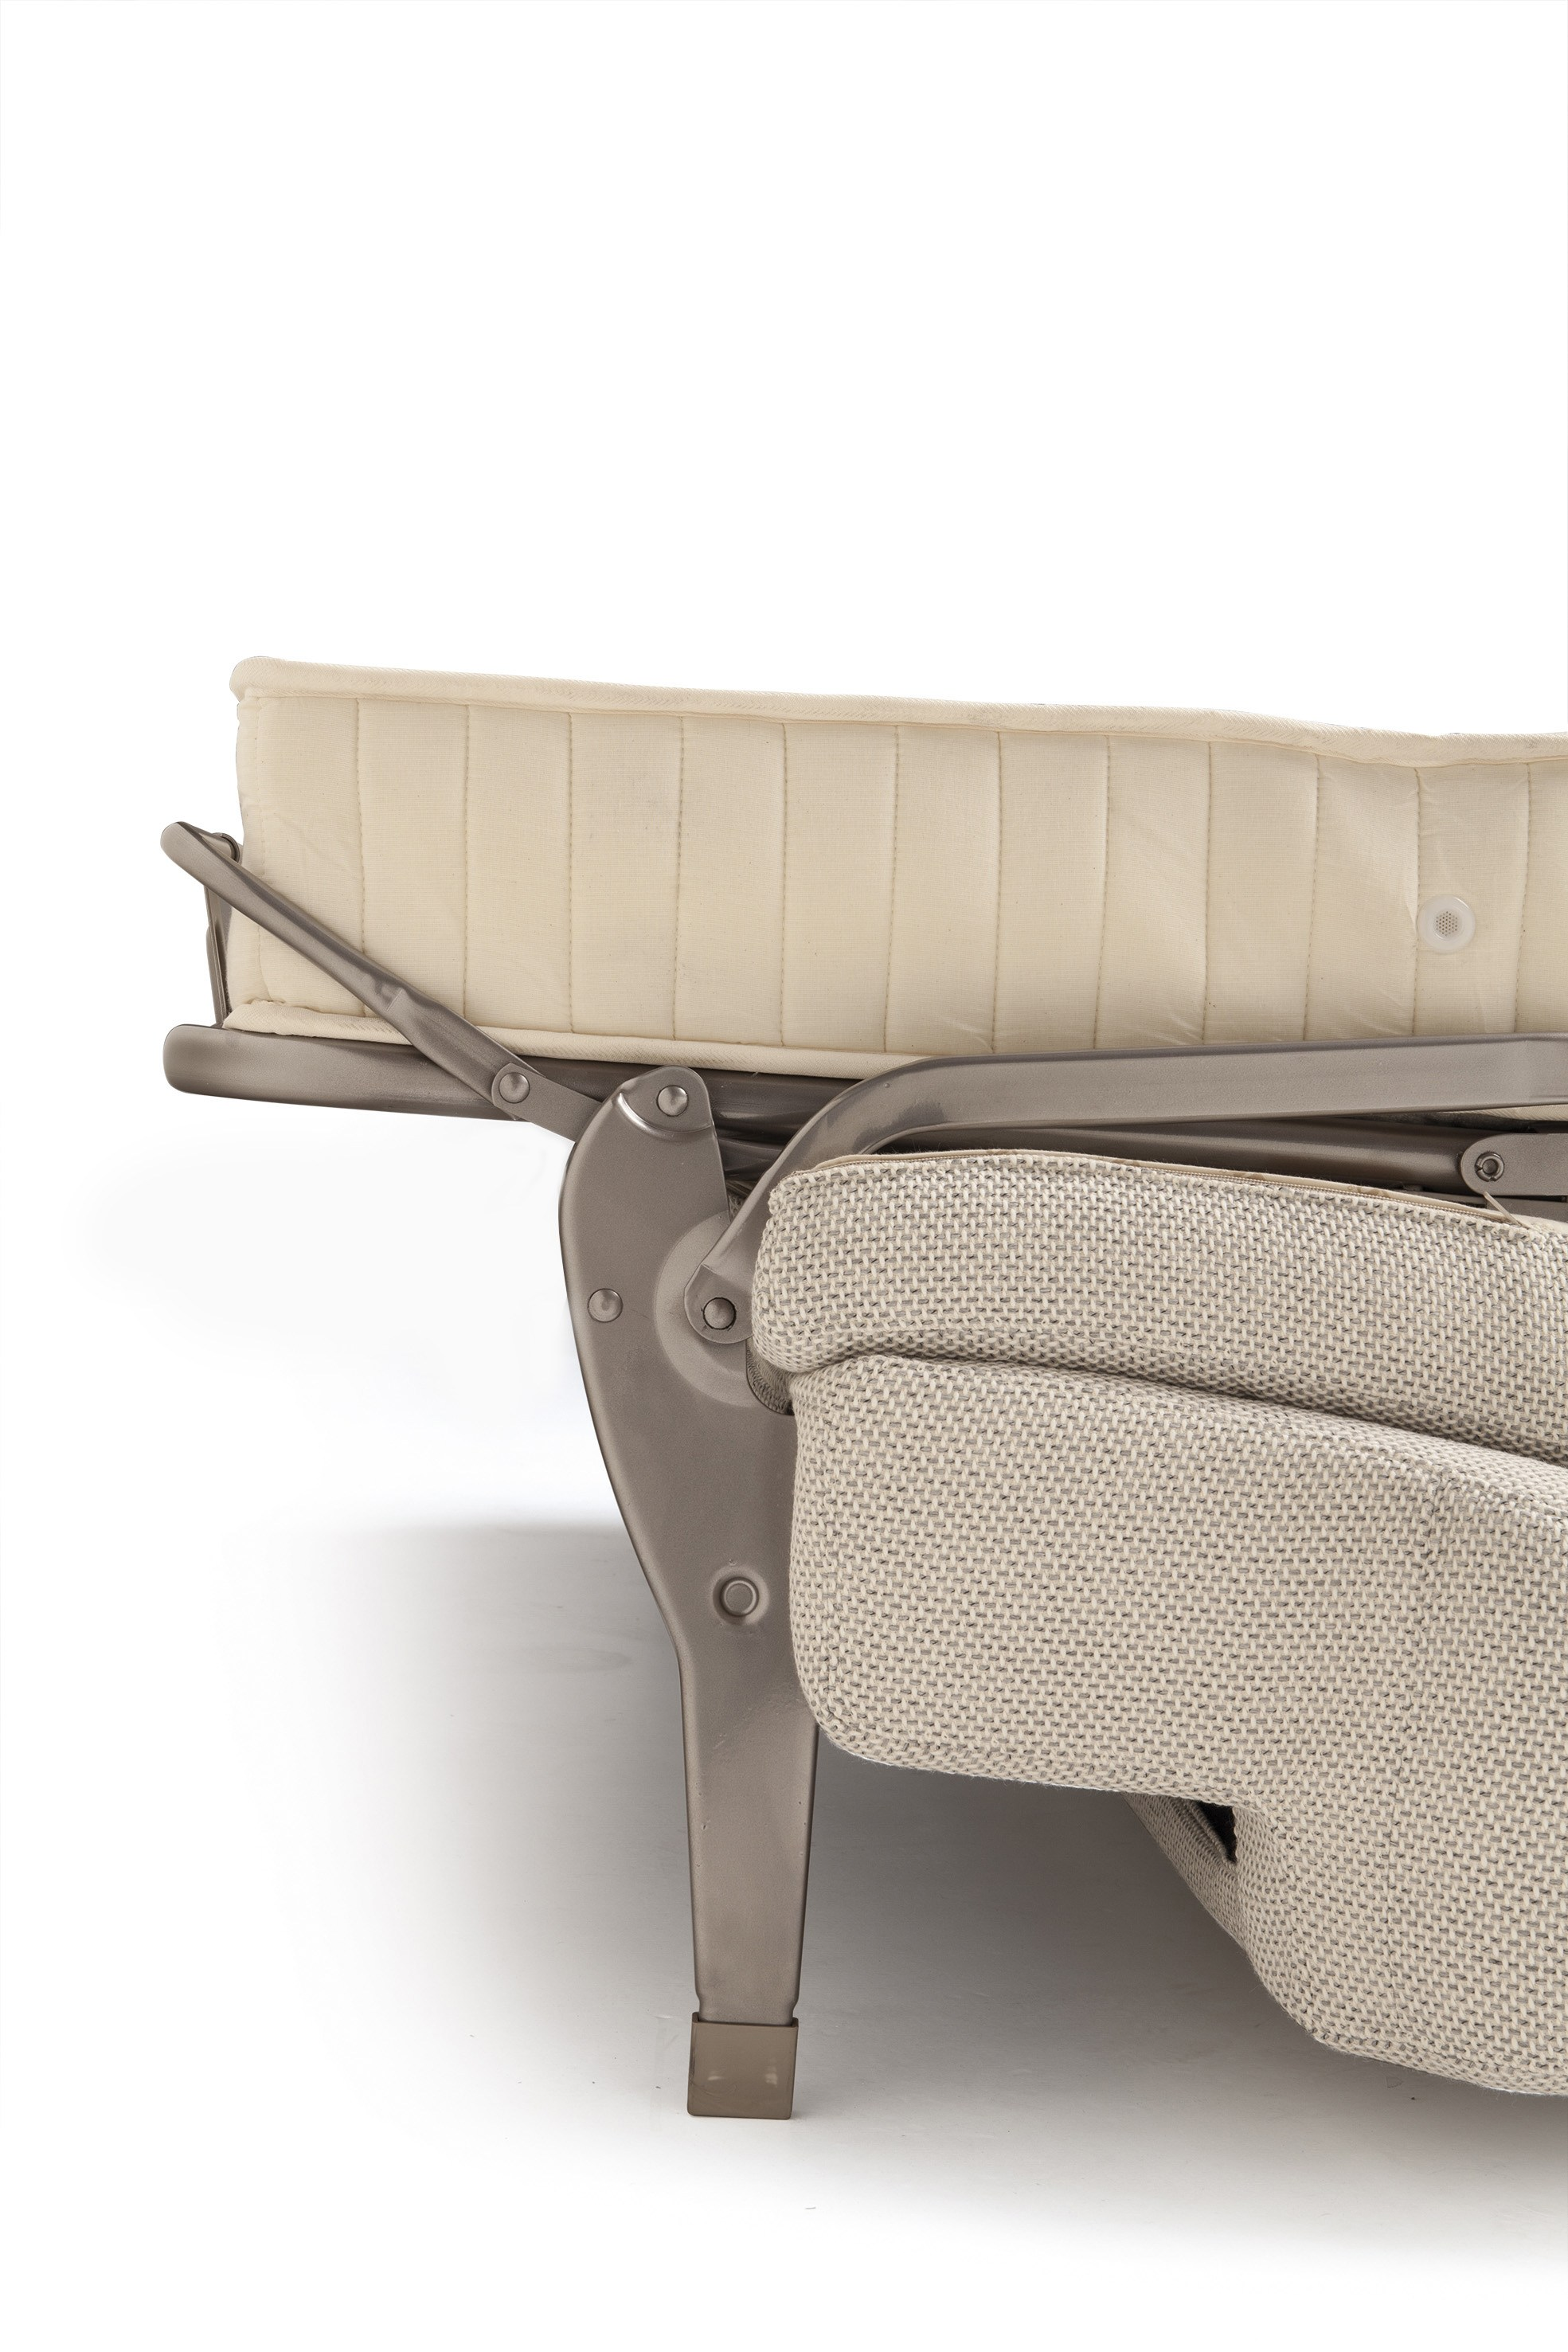 sofa bed ellis by milano bedding. Black Bedroom Furniture Sets. Home Design Ideas